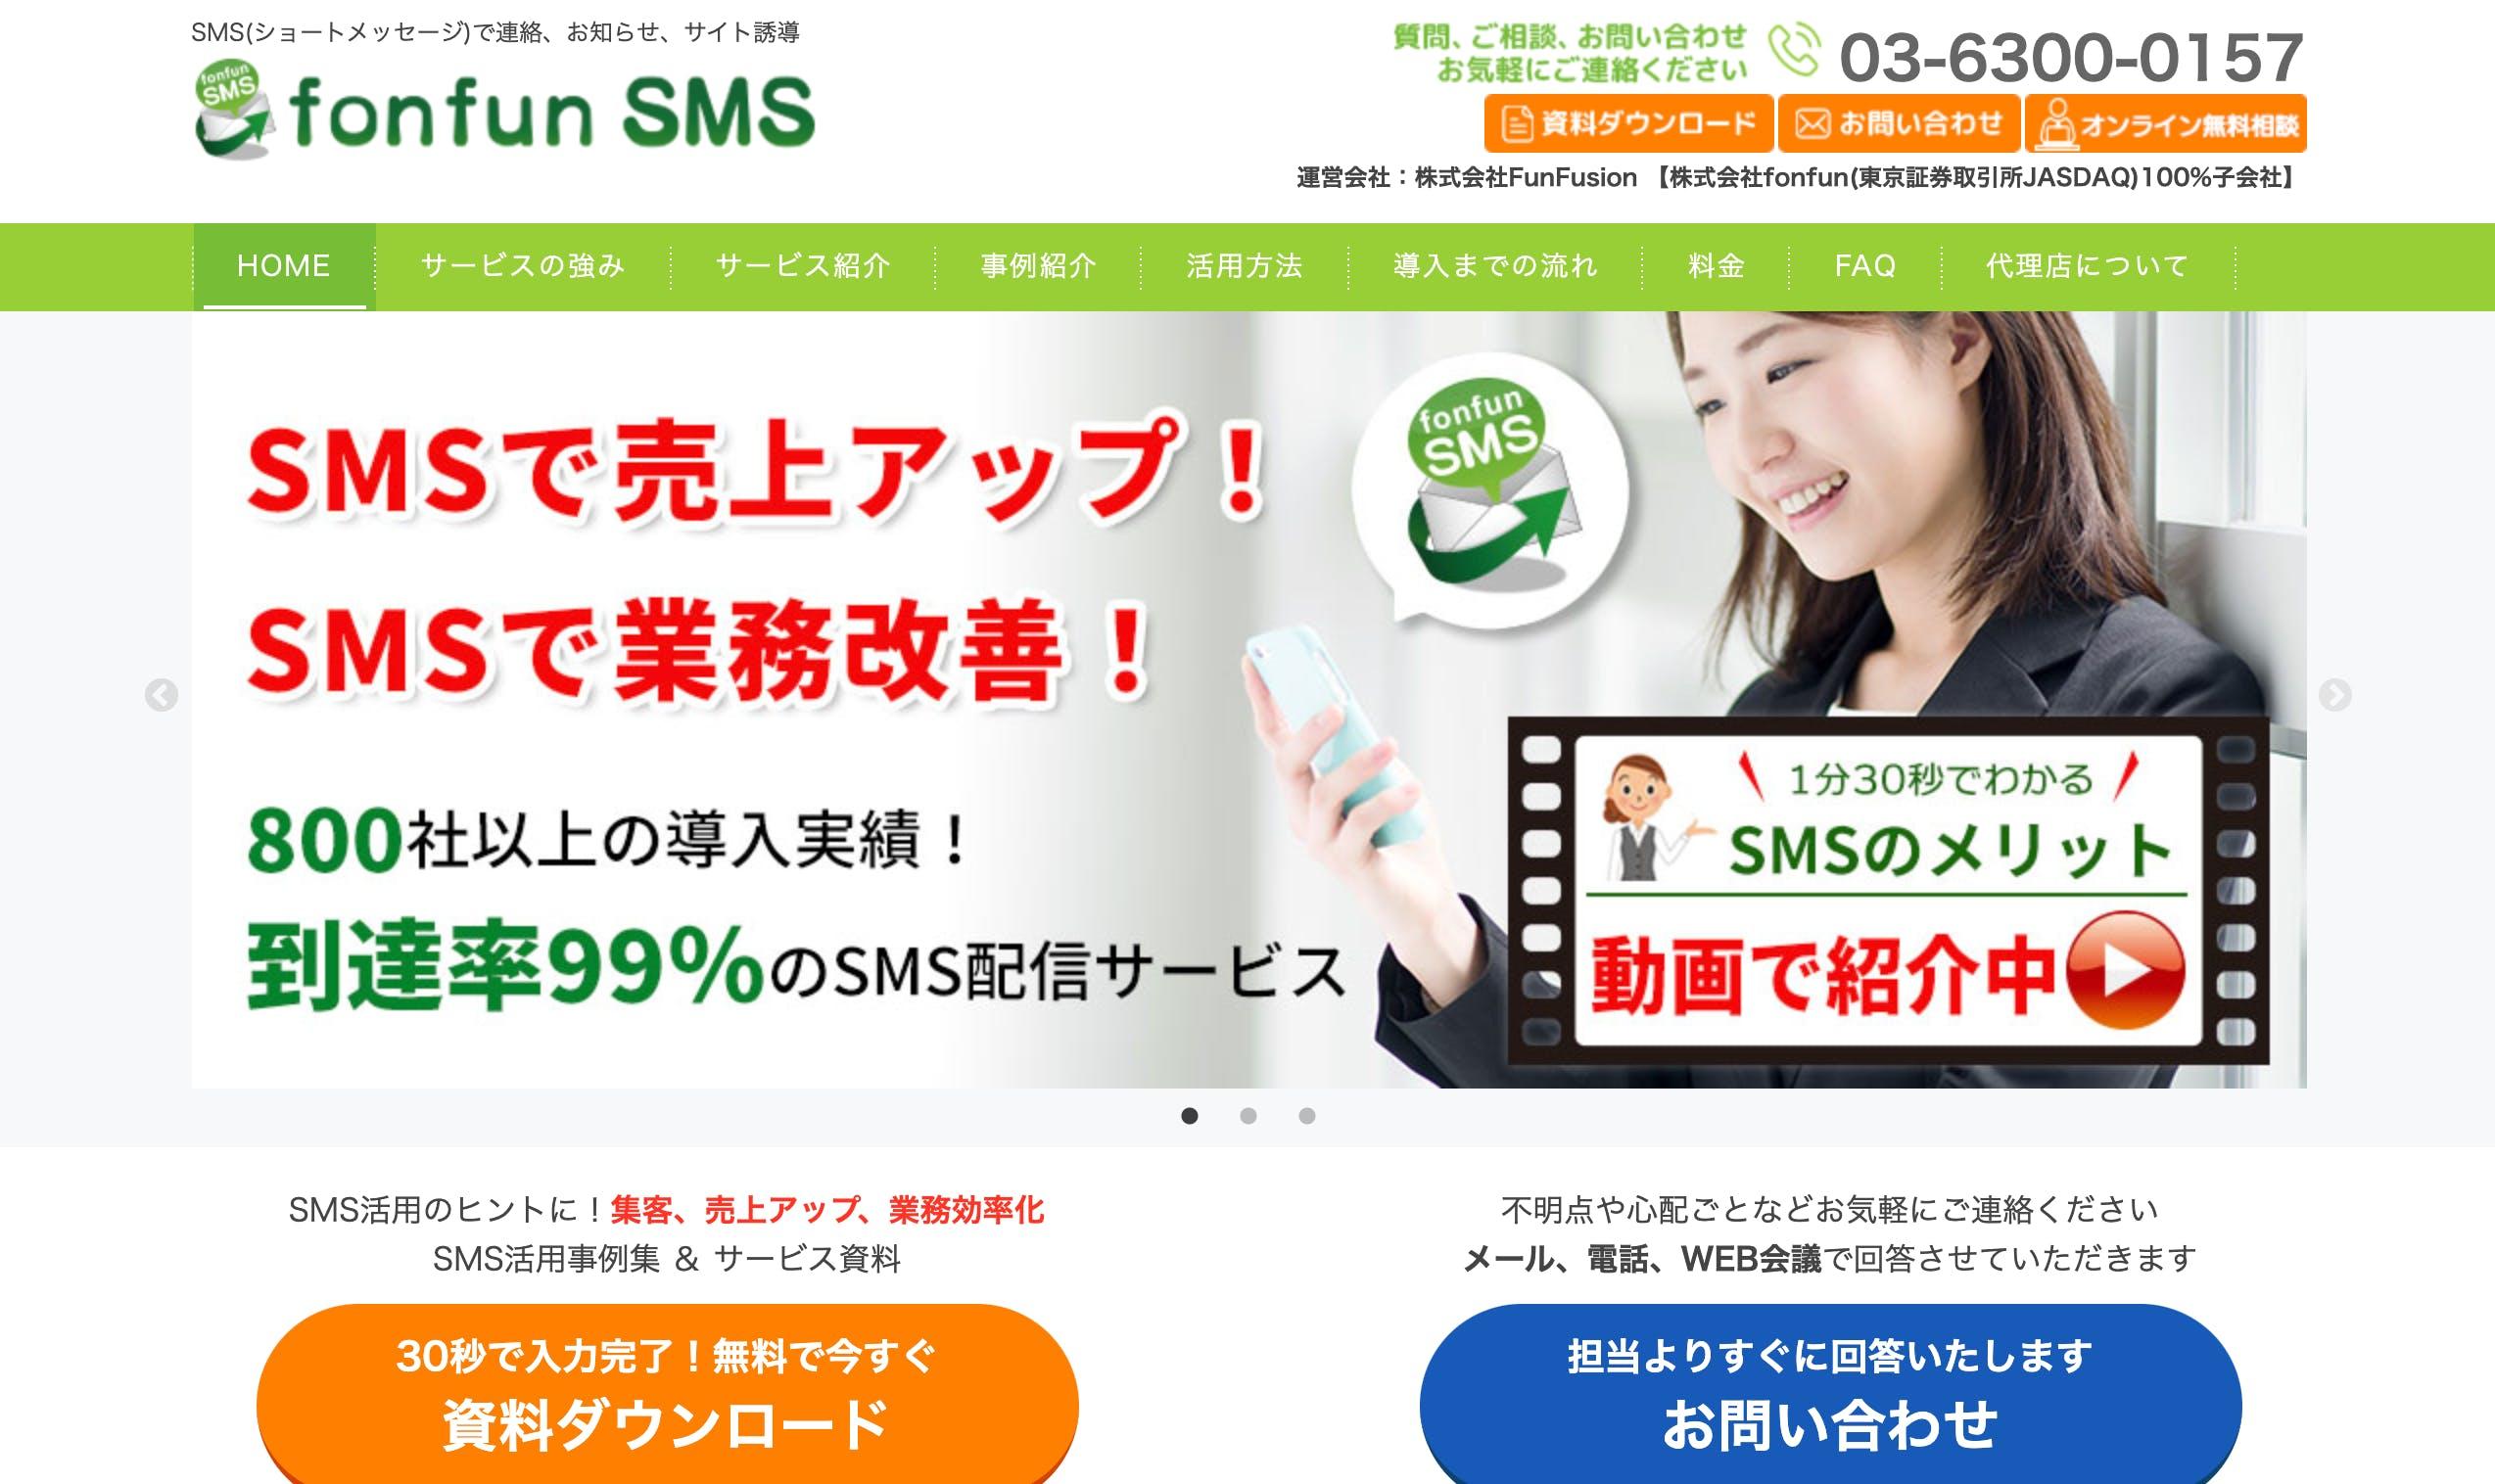 fonfun SMS